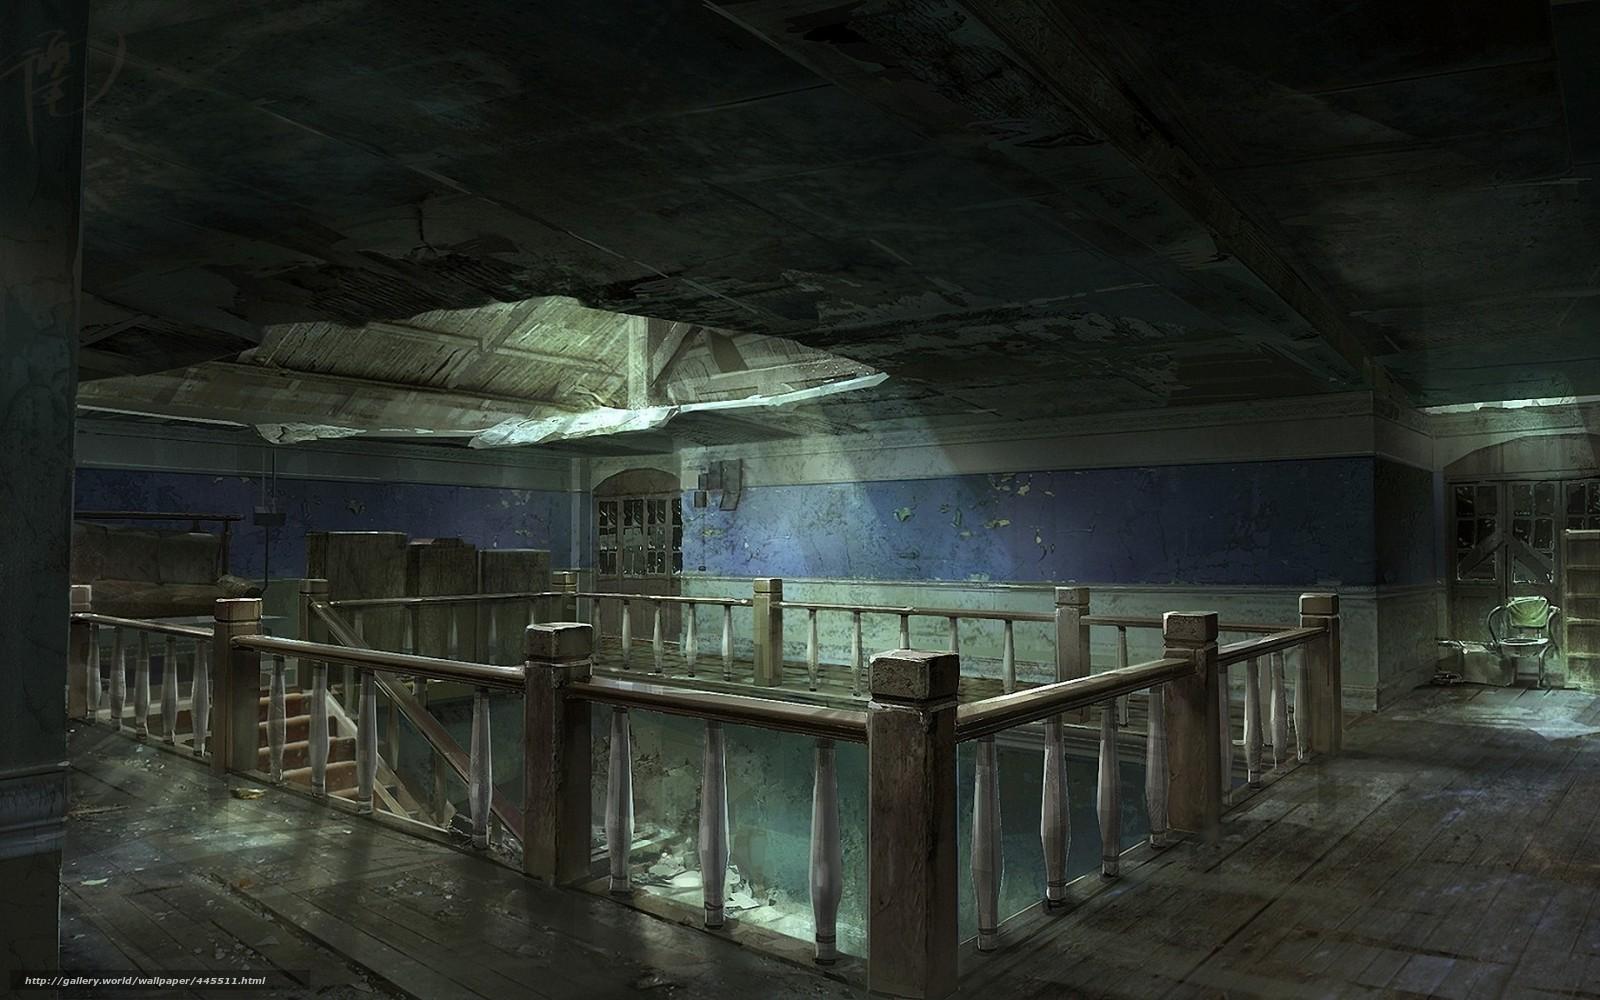 Mansion Interior 壁紙をダウンロード 芸術 建物 荒廃 廃墟 デスクトップの解像度のための無料壁紙 1680x1050 絵